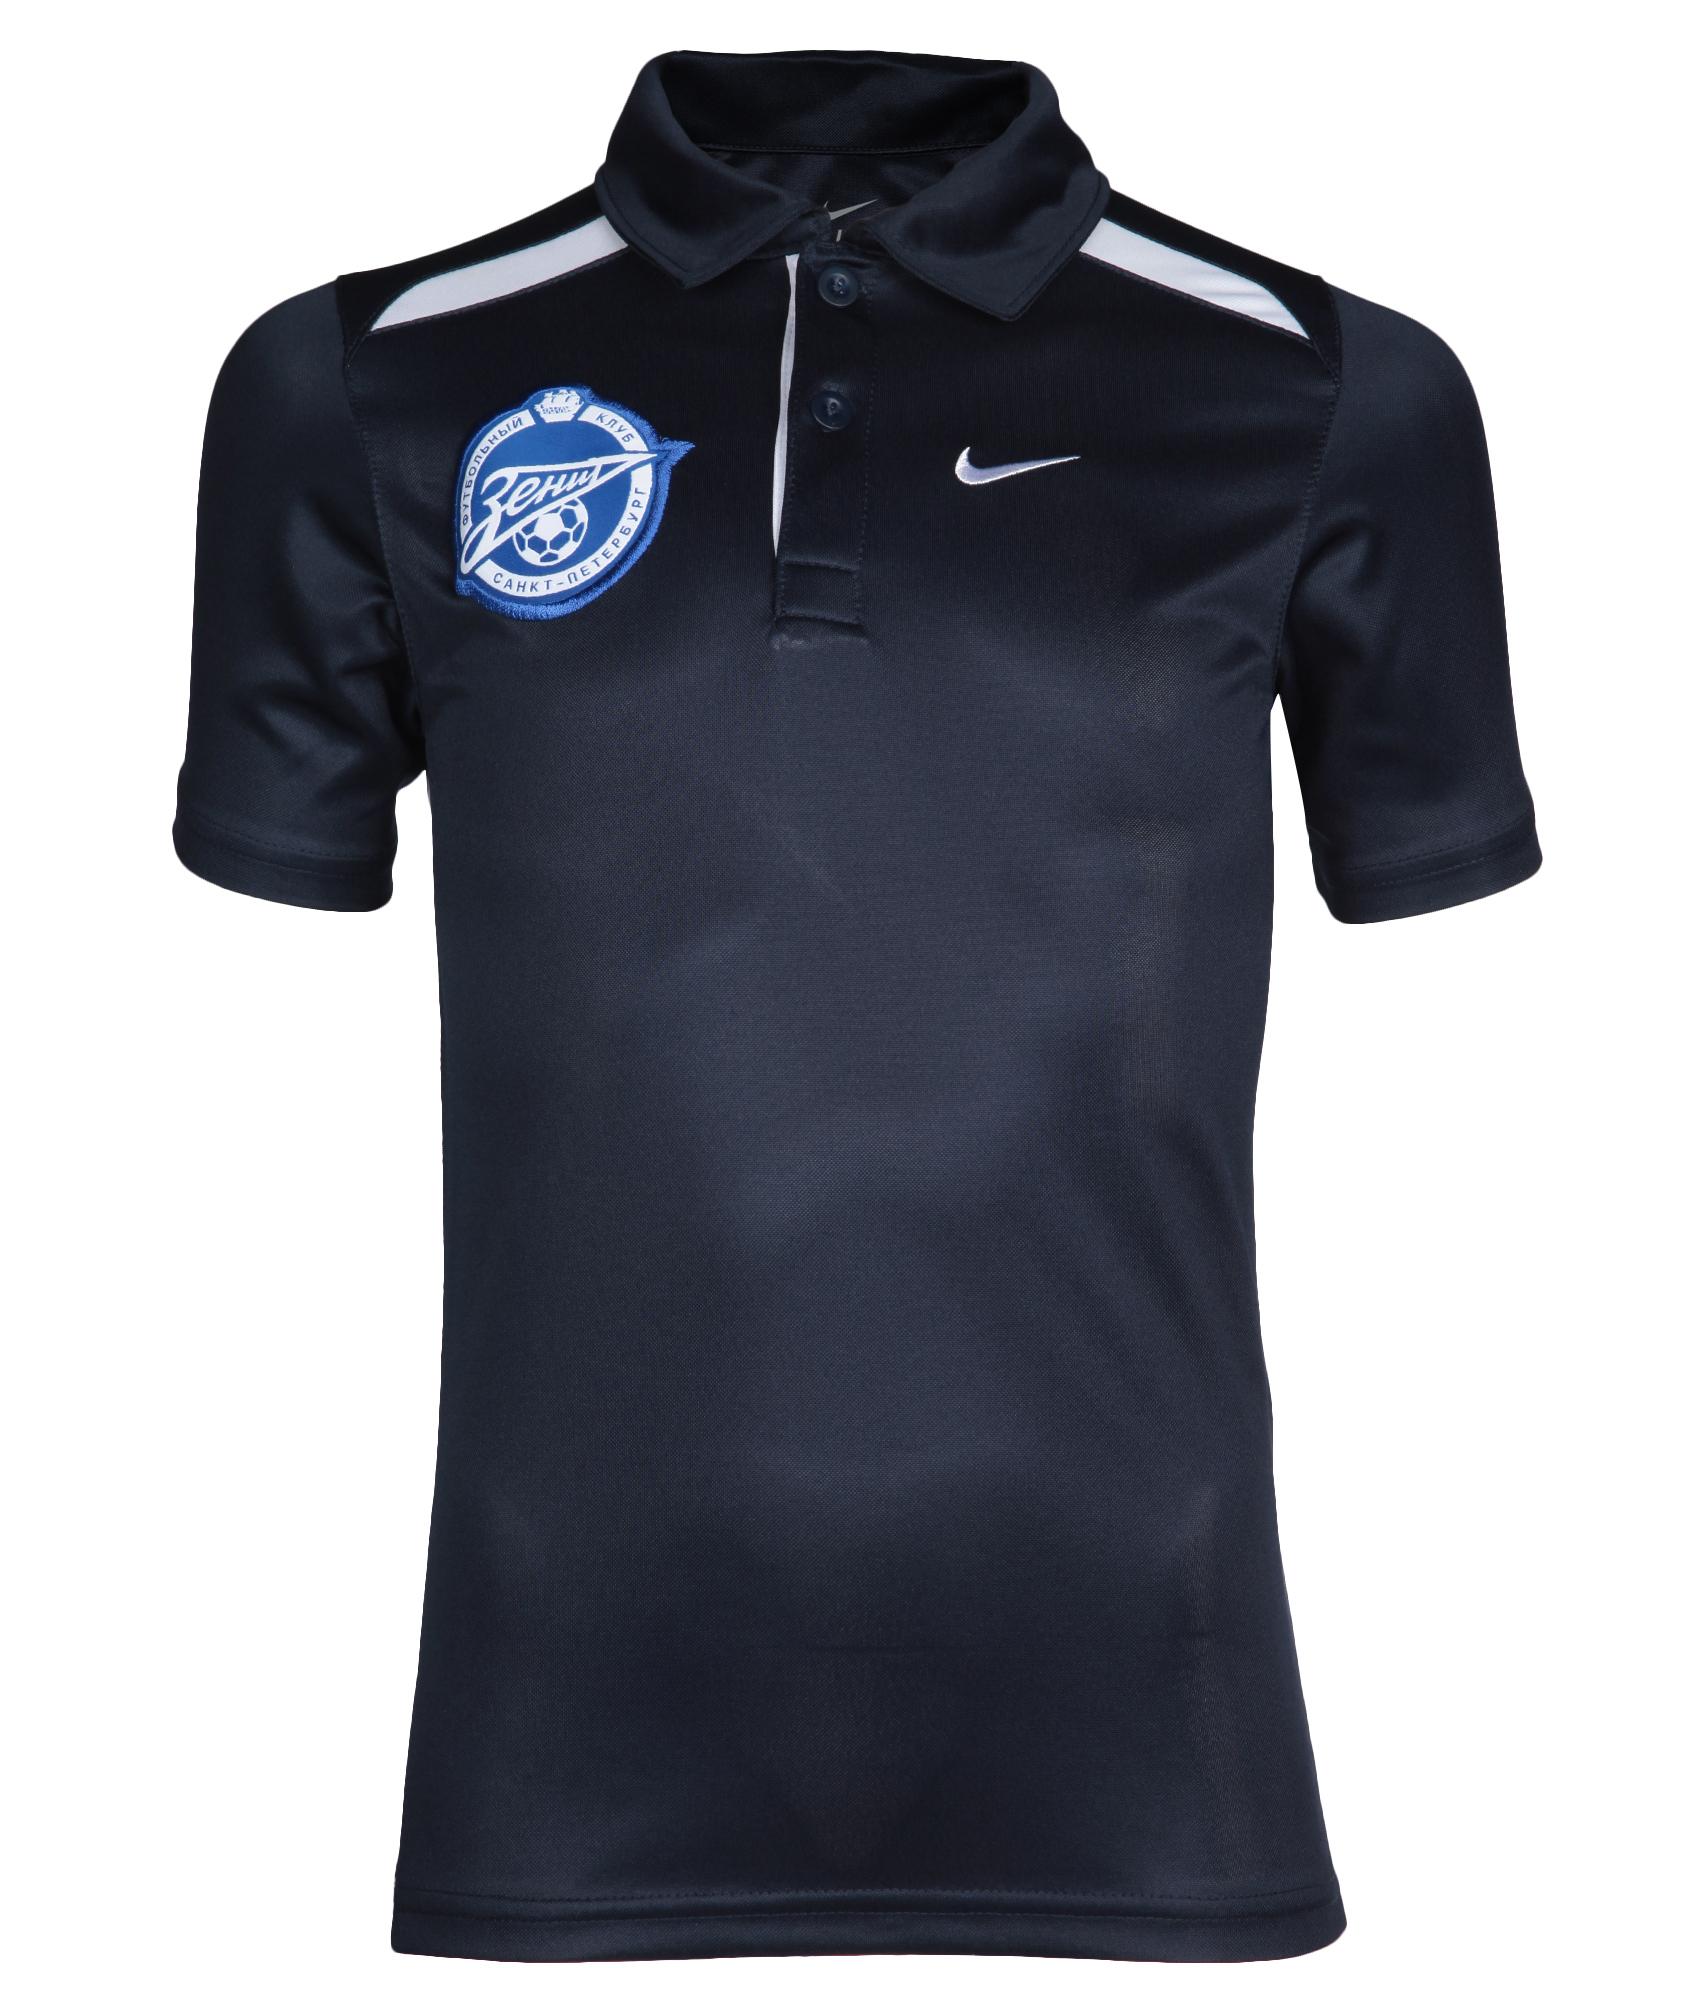 Поло детское Nike, Размер-M поло nike цвет голубой размер m